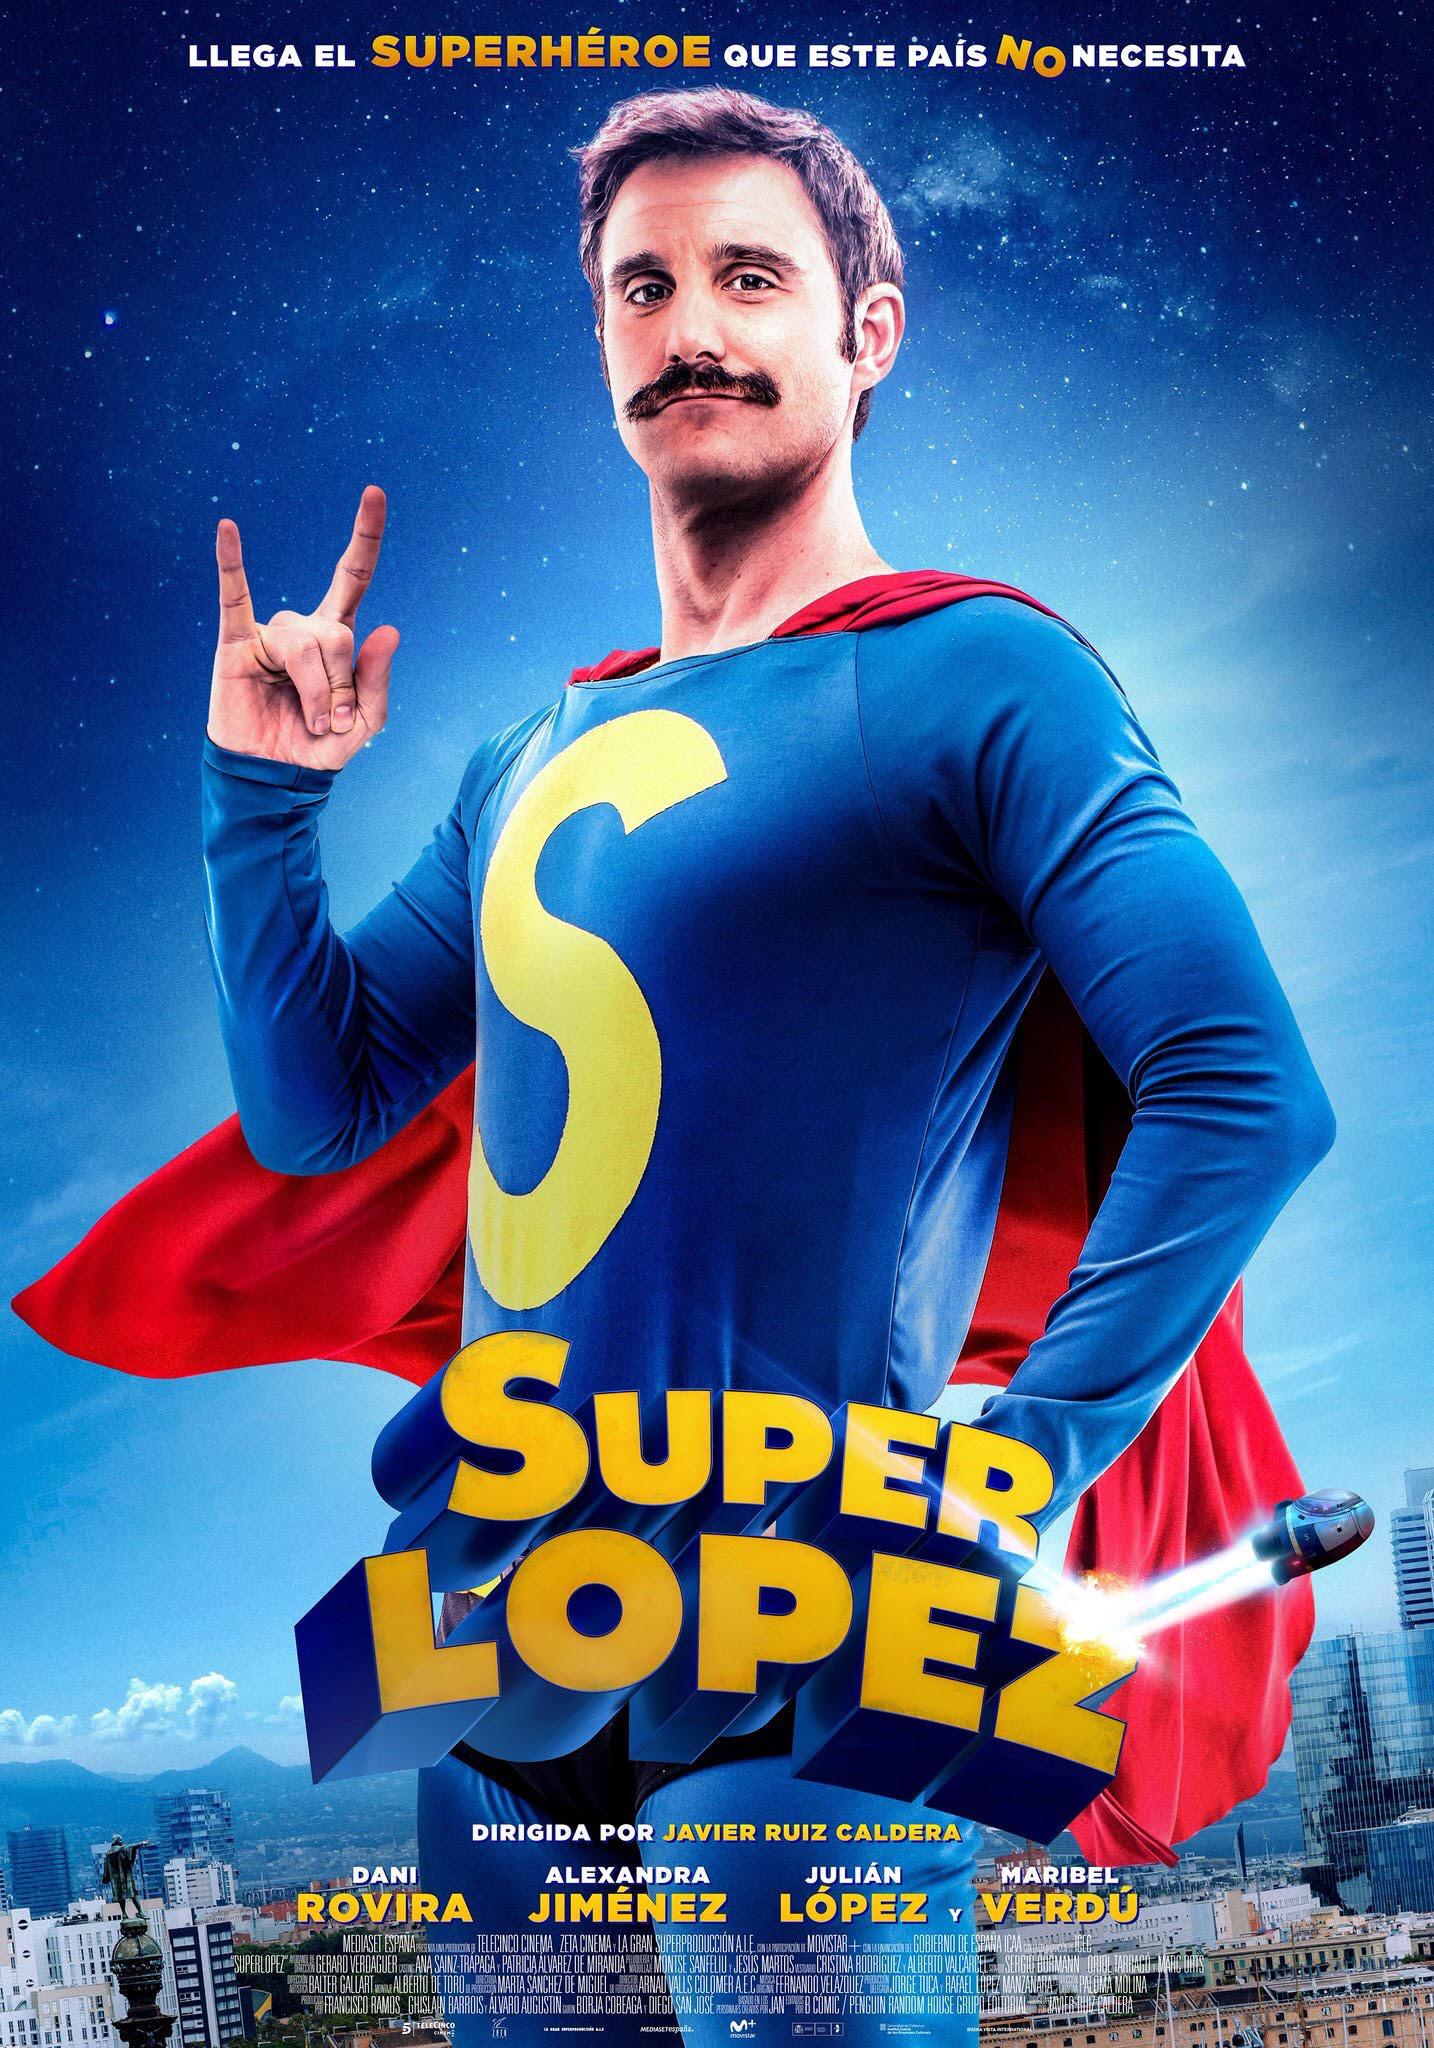 스페인산 슈퍼맨 [슈퍼로페즈] 예고편!